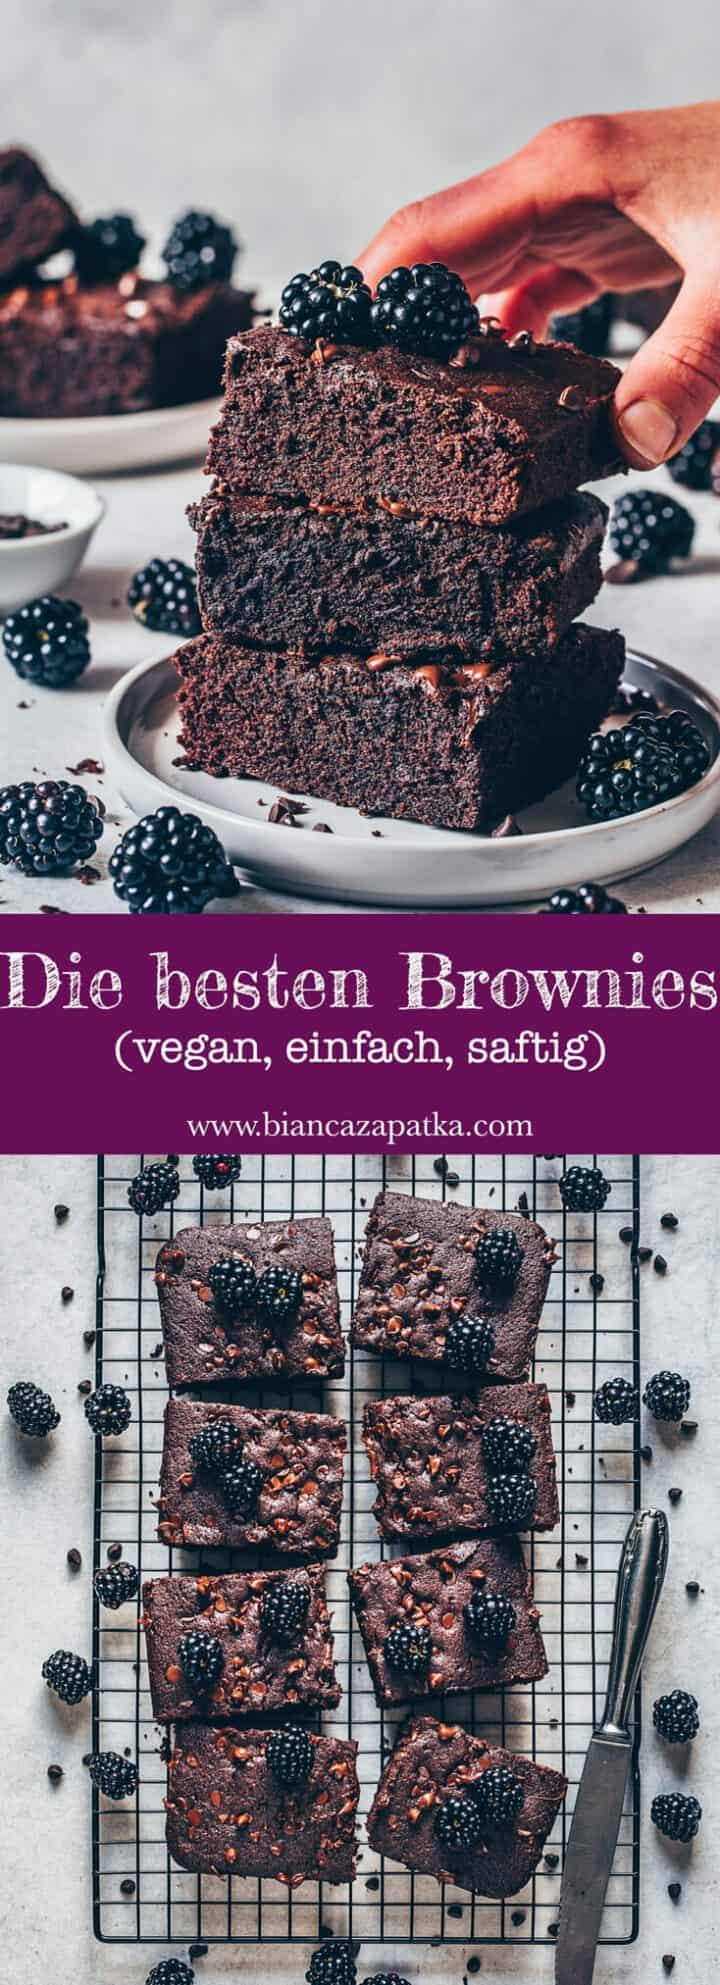 Die besten Brownies. Schokoladen Brownies. Saftig, fudgy, schokoladig, schnell und einfach zubereitet. Das beste vegane Brownies Rezept.